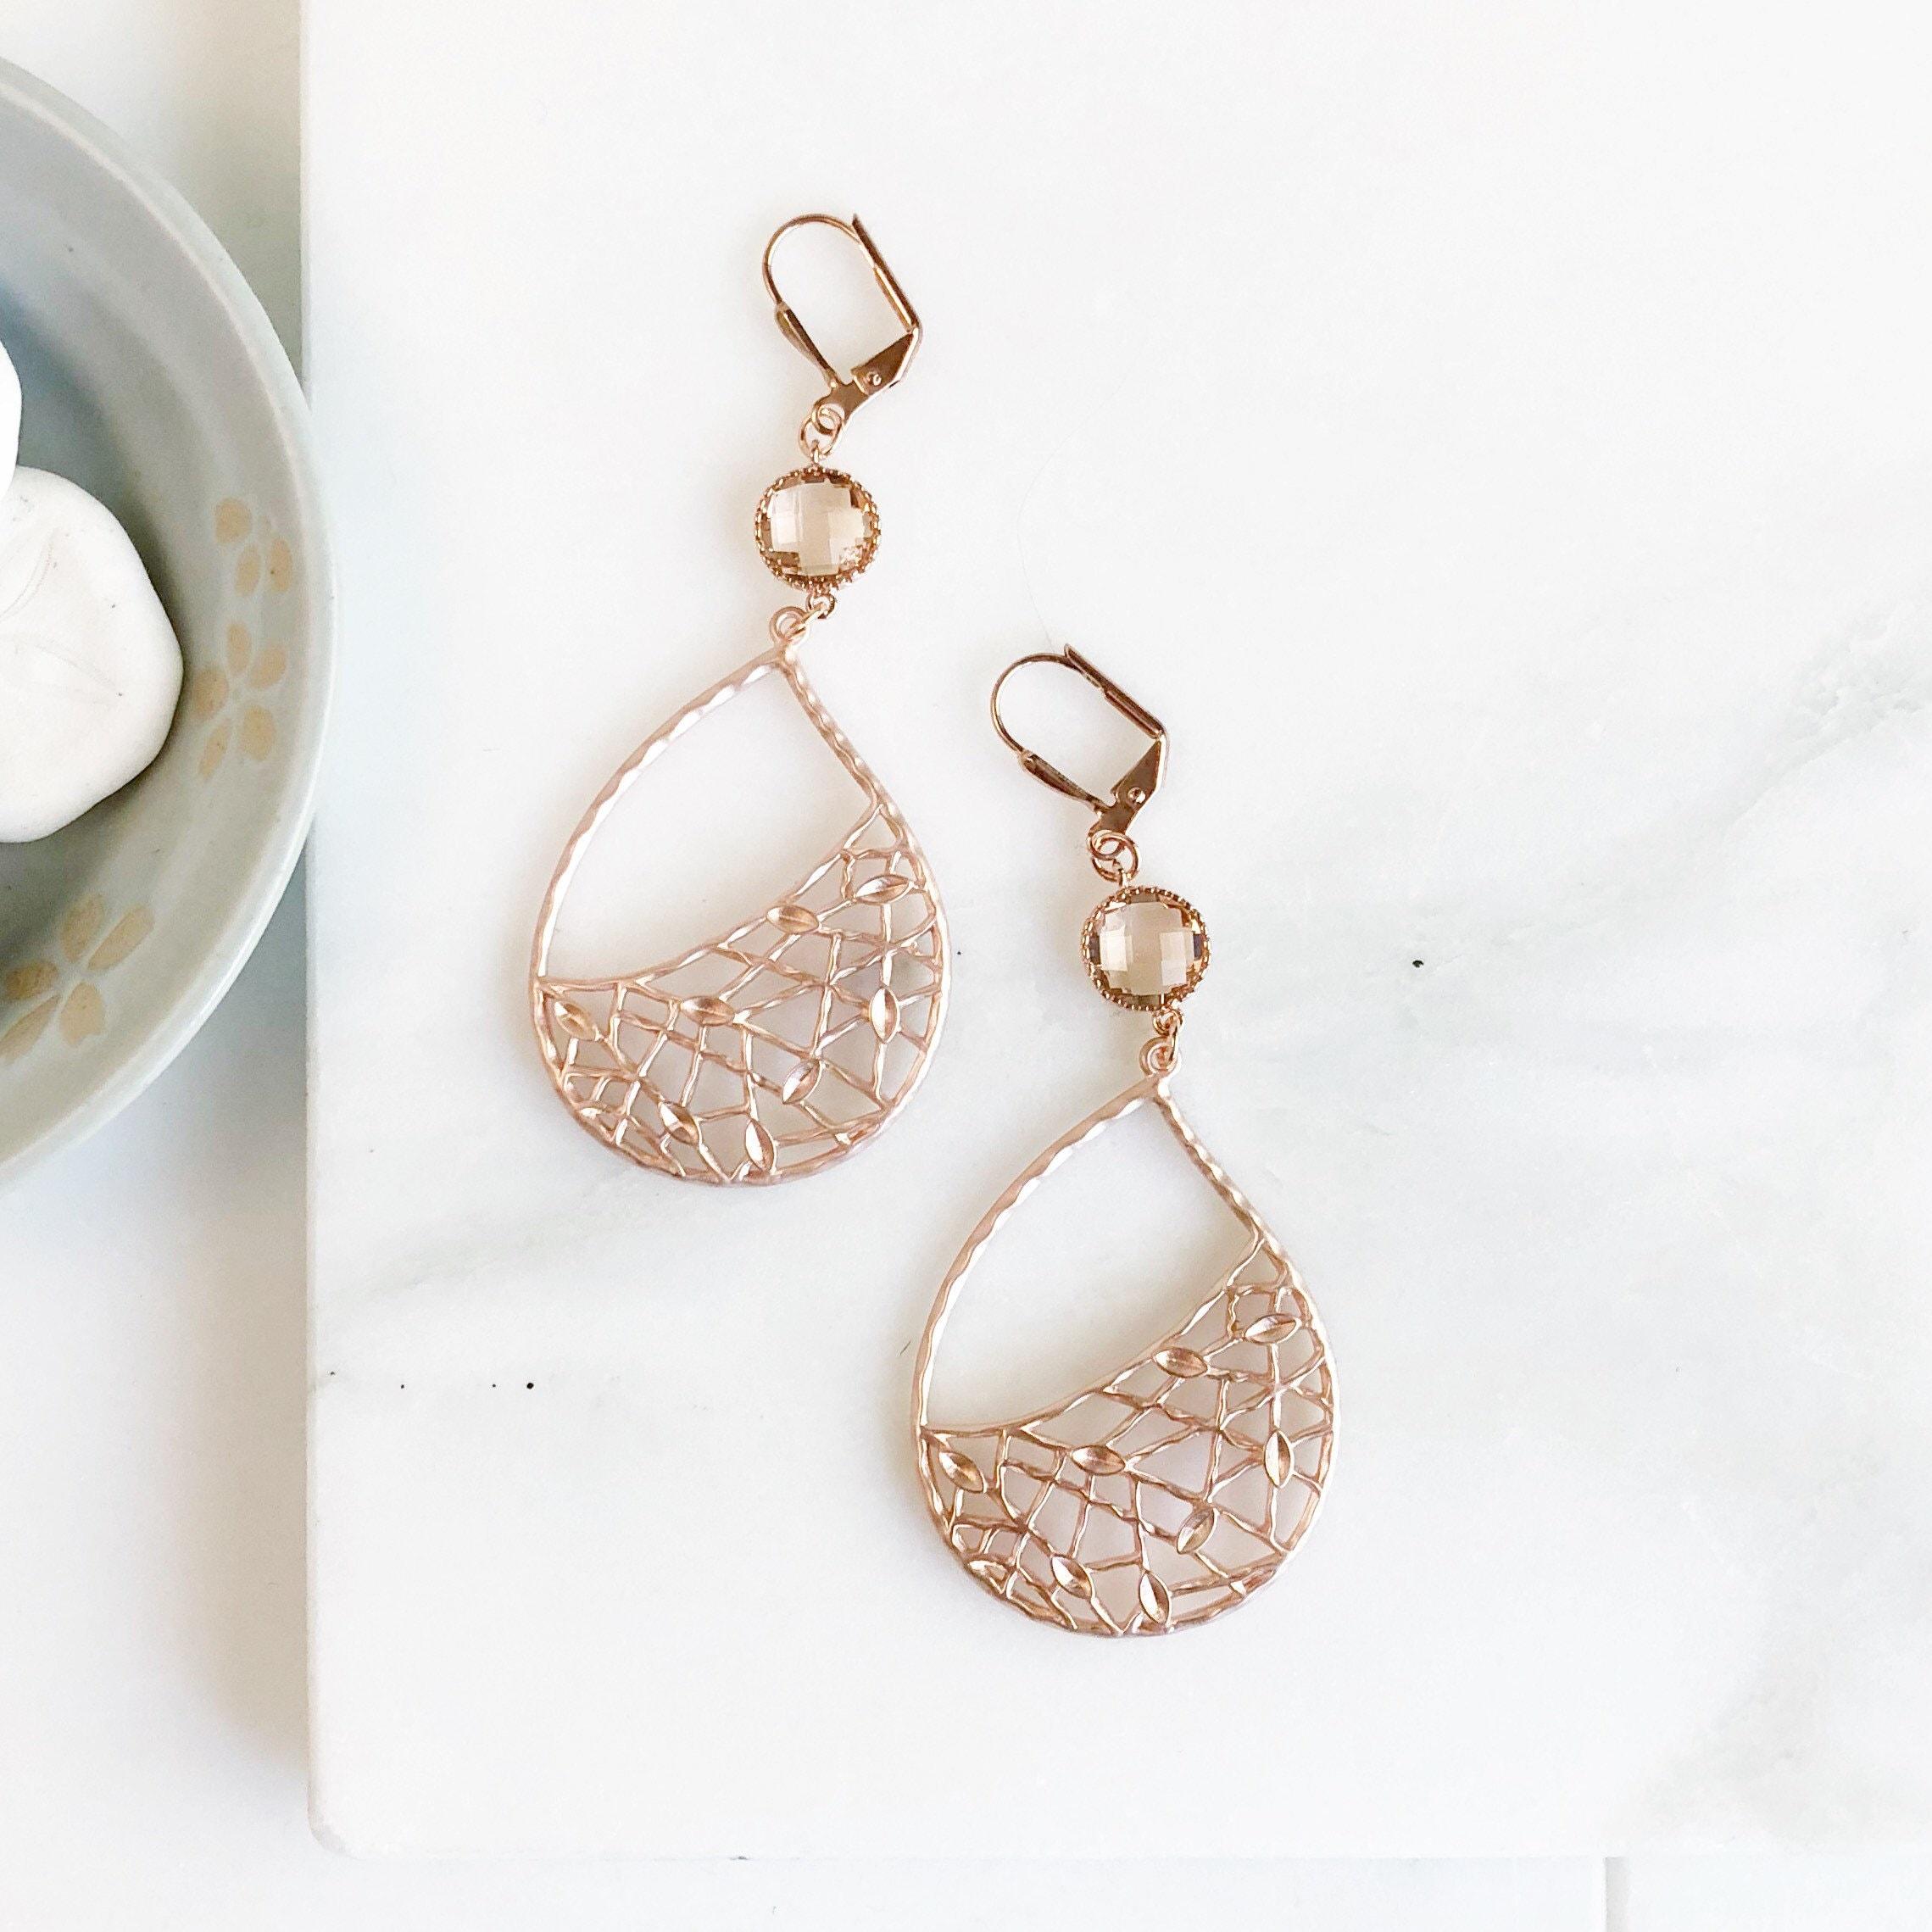 Rose gold chandelier earrings dangle earrings rose gold statement rose gold chandelier earrings dangle earrings rose gold statement earrings jewelry gift modern fashion earrings chandelier earrings arubaitofo Image collections